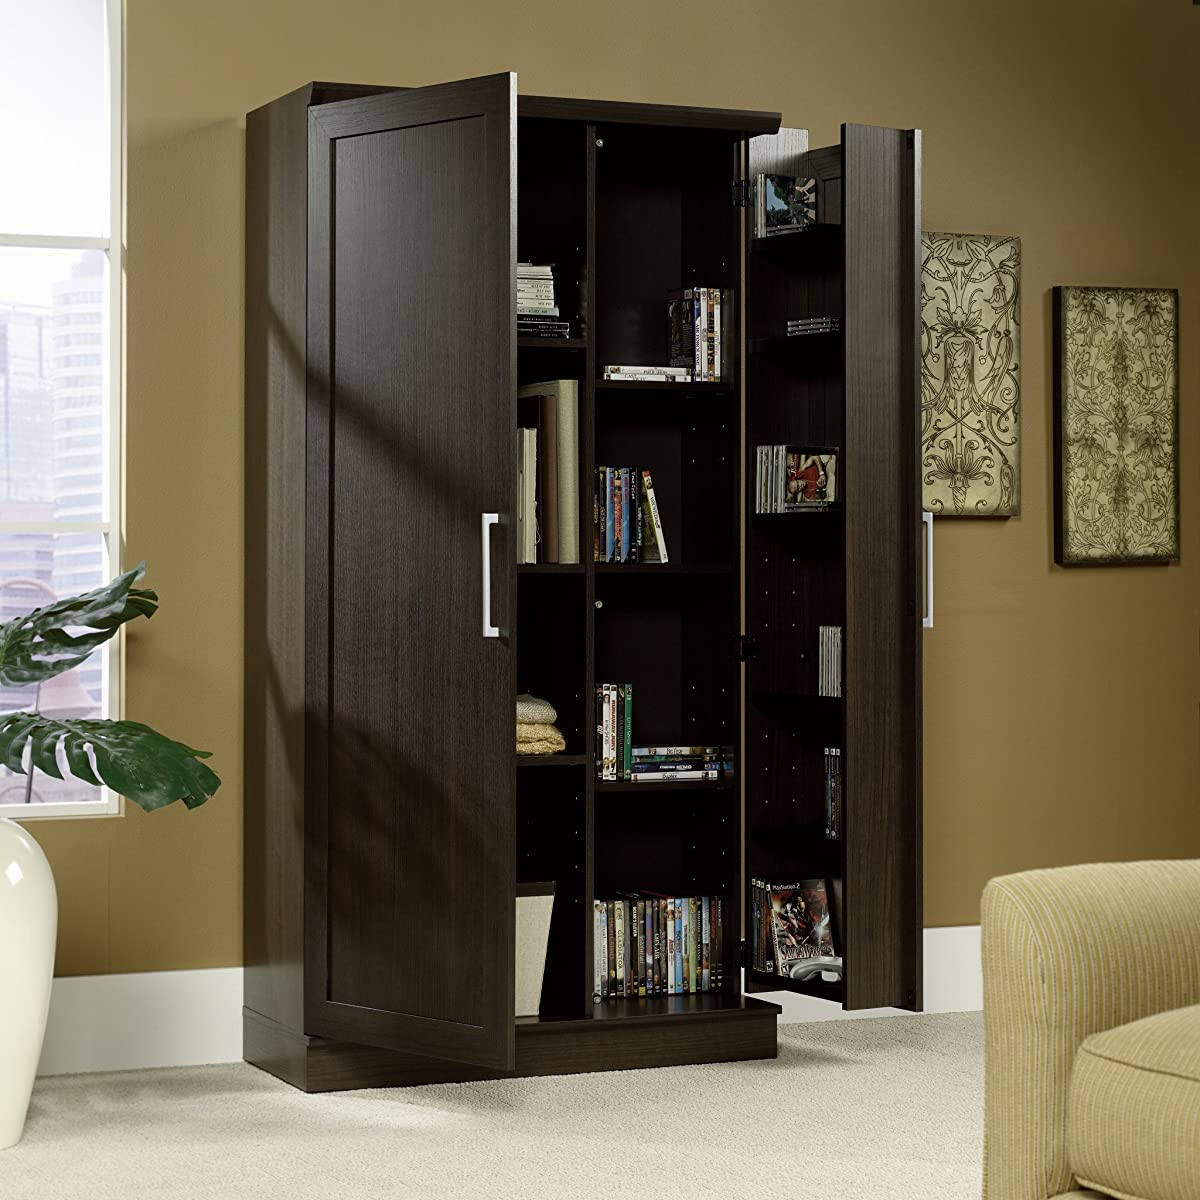 Sauder Double Door Storage Cabinet, Large, Dakota Oak